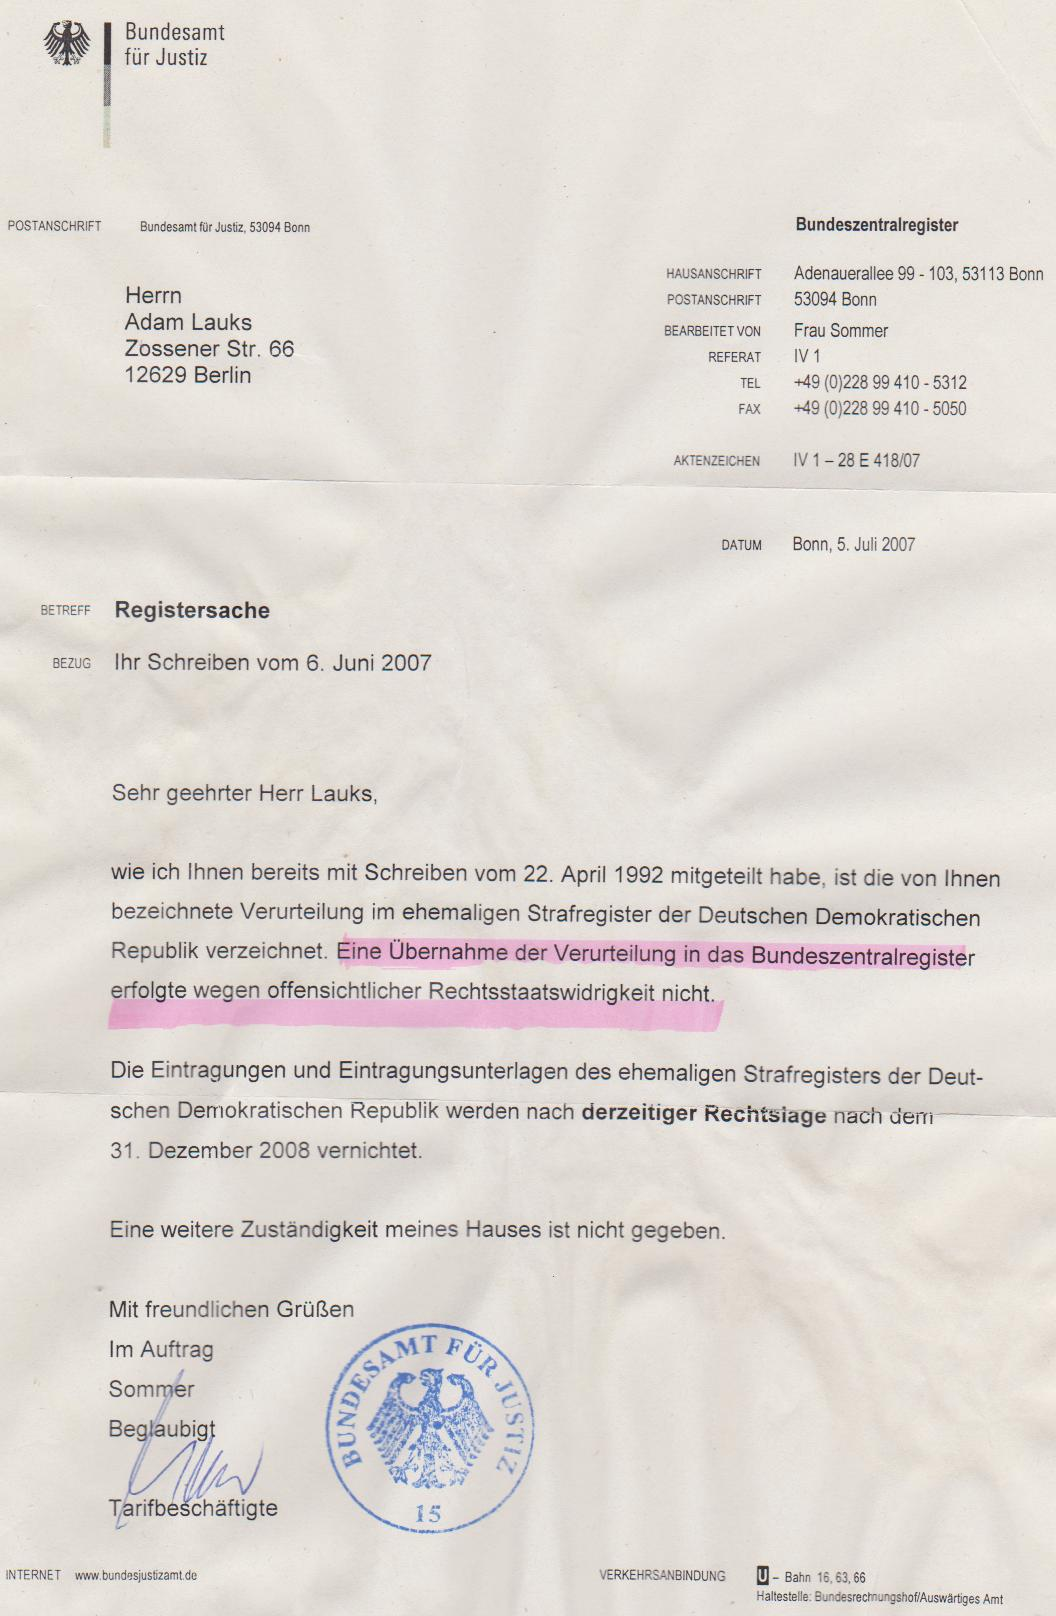 Meldung: Der Petitionsausschuss des Deutschen Bundestages verweigert die.  Veröffentlichung der Petition gegen Folter.